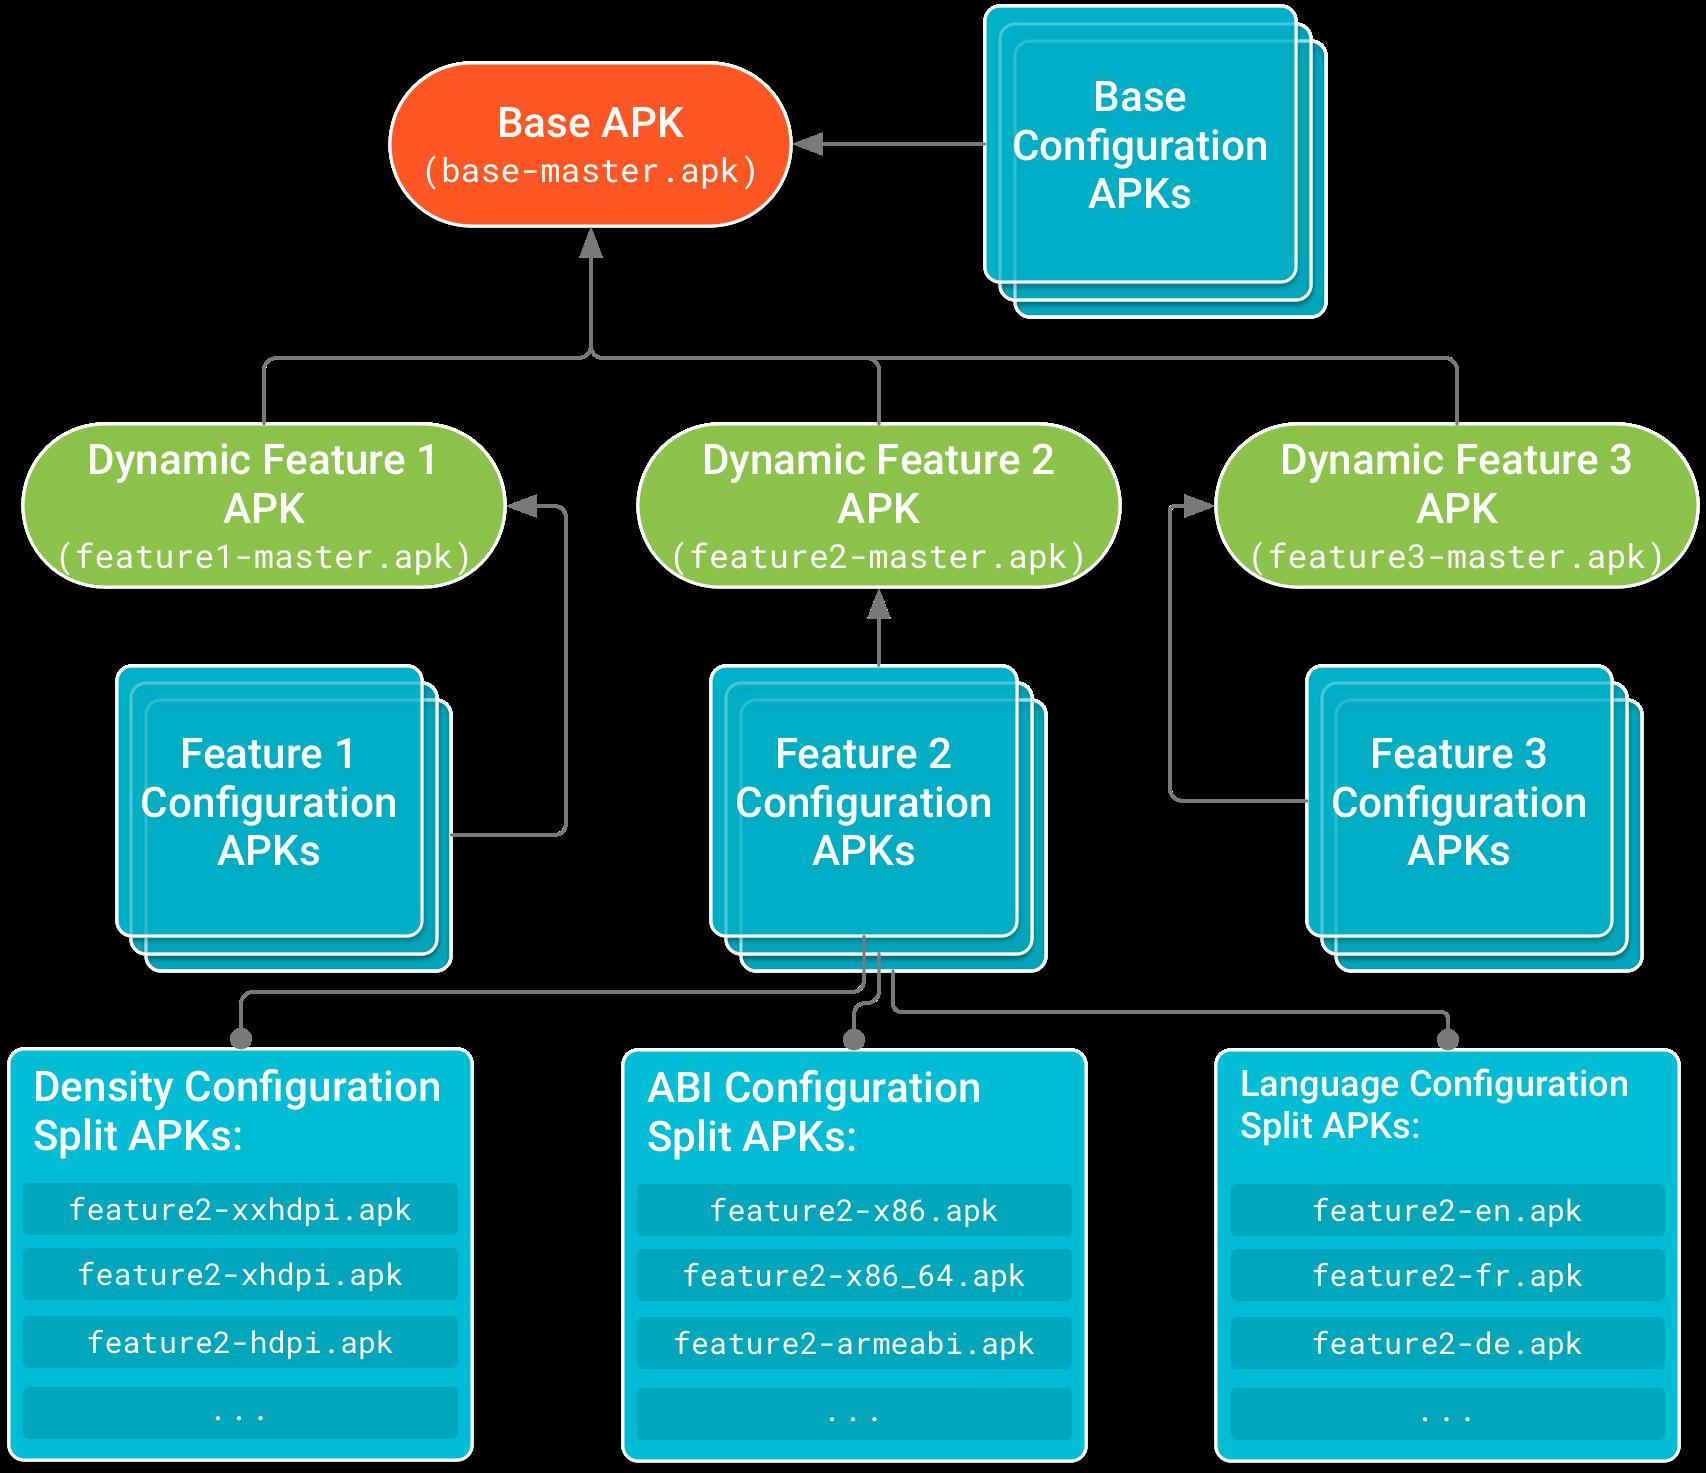 ベース APK はツリーのルートを形成し、機能モジュール APK はベース APK に依存します。依存関係ツリーのリーフノードを形成する設定 APK には、ベース APK とそれぞれの機能モジュール APK のデバイス設定に応じたコードとリソースが含まれます。